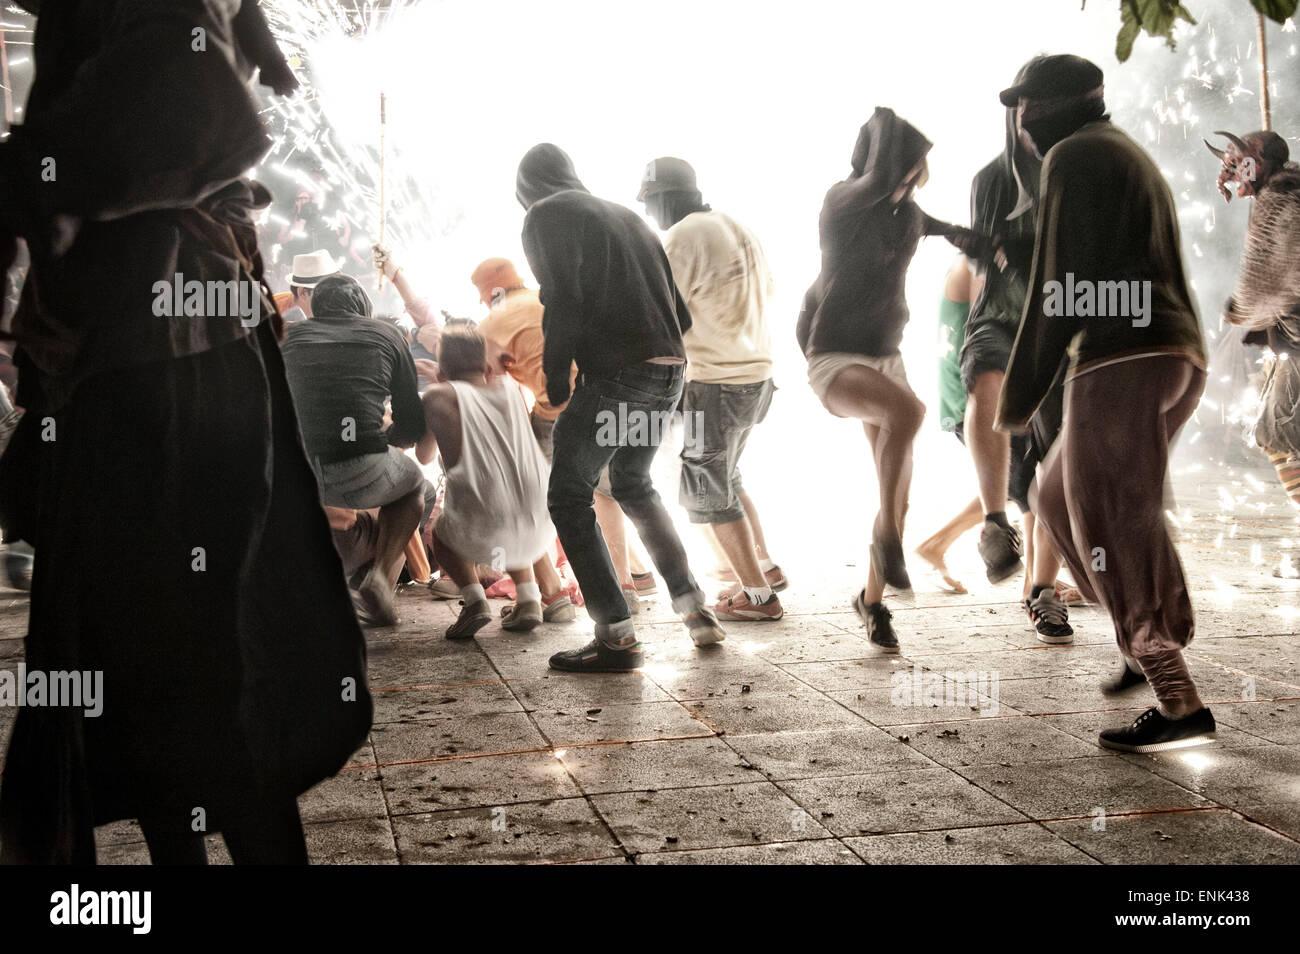 Spagna, Mallorca, Felanix, Correfoc attraverso il villaggio. Un tradizionale personalizzata durante la fiesta. Immagini Stock